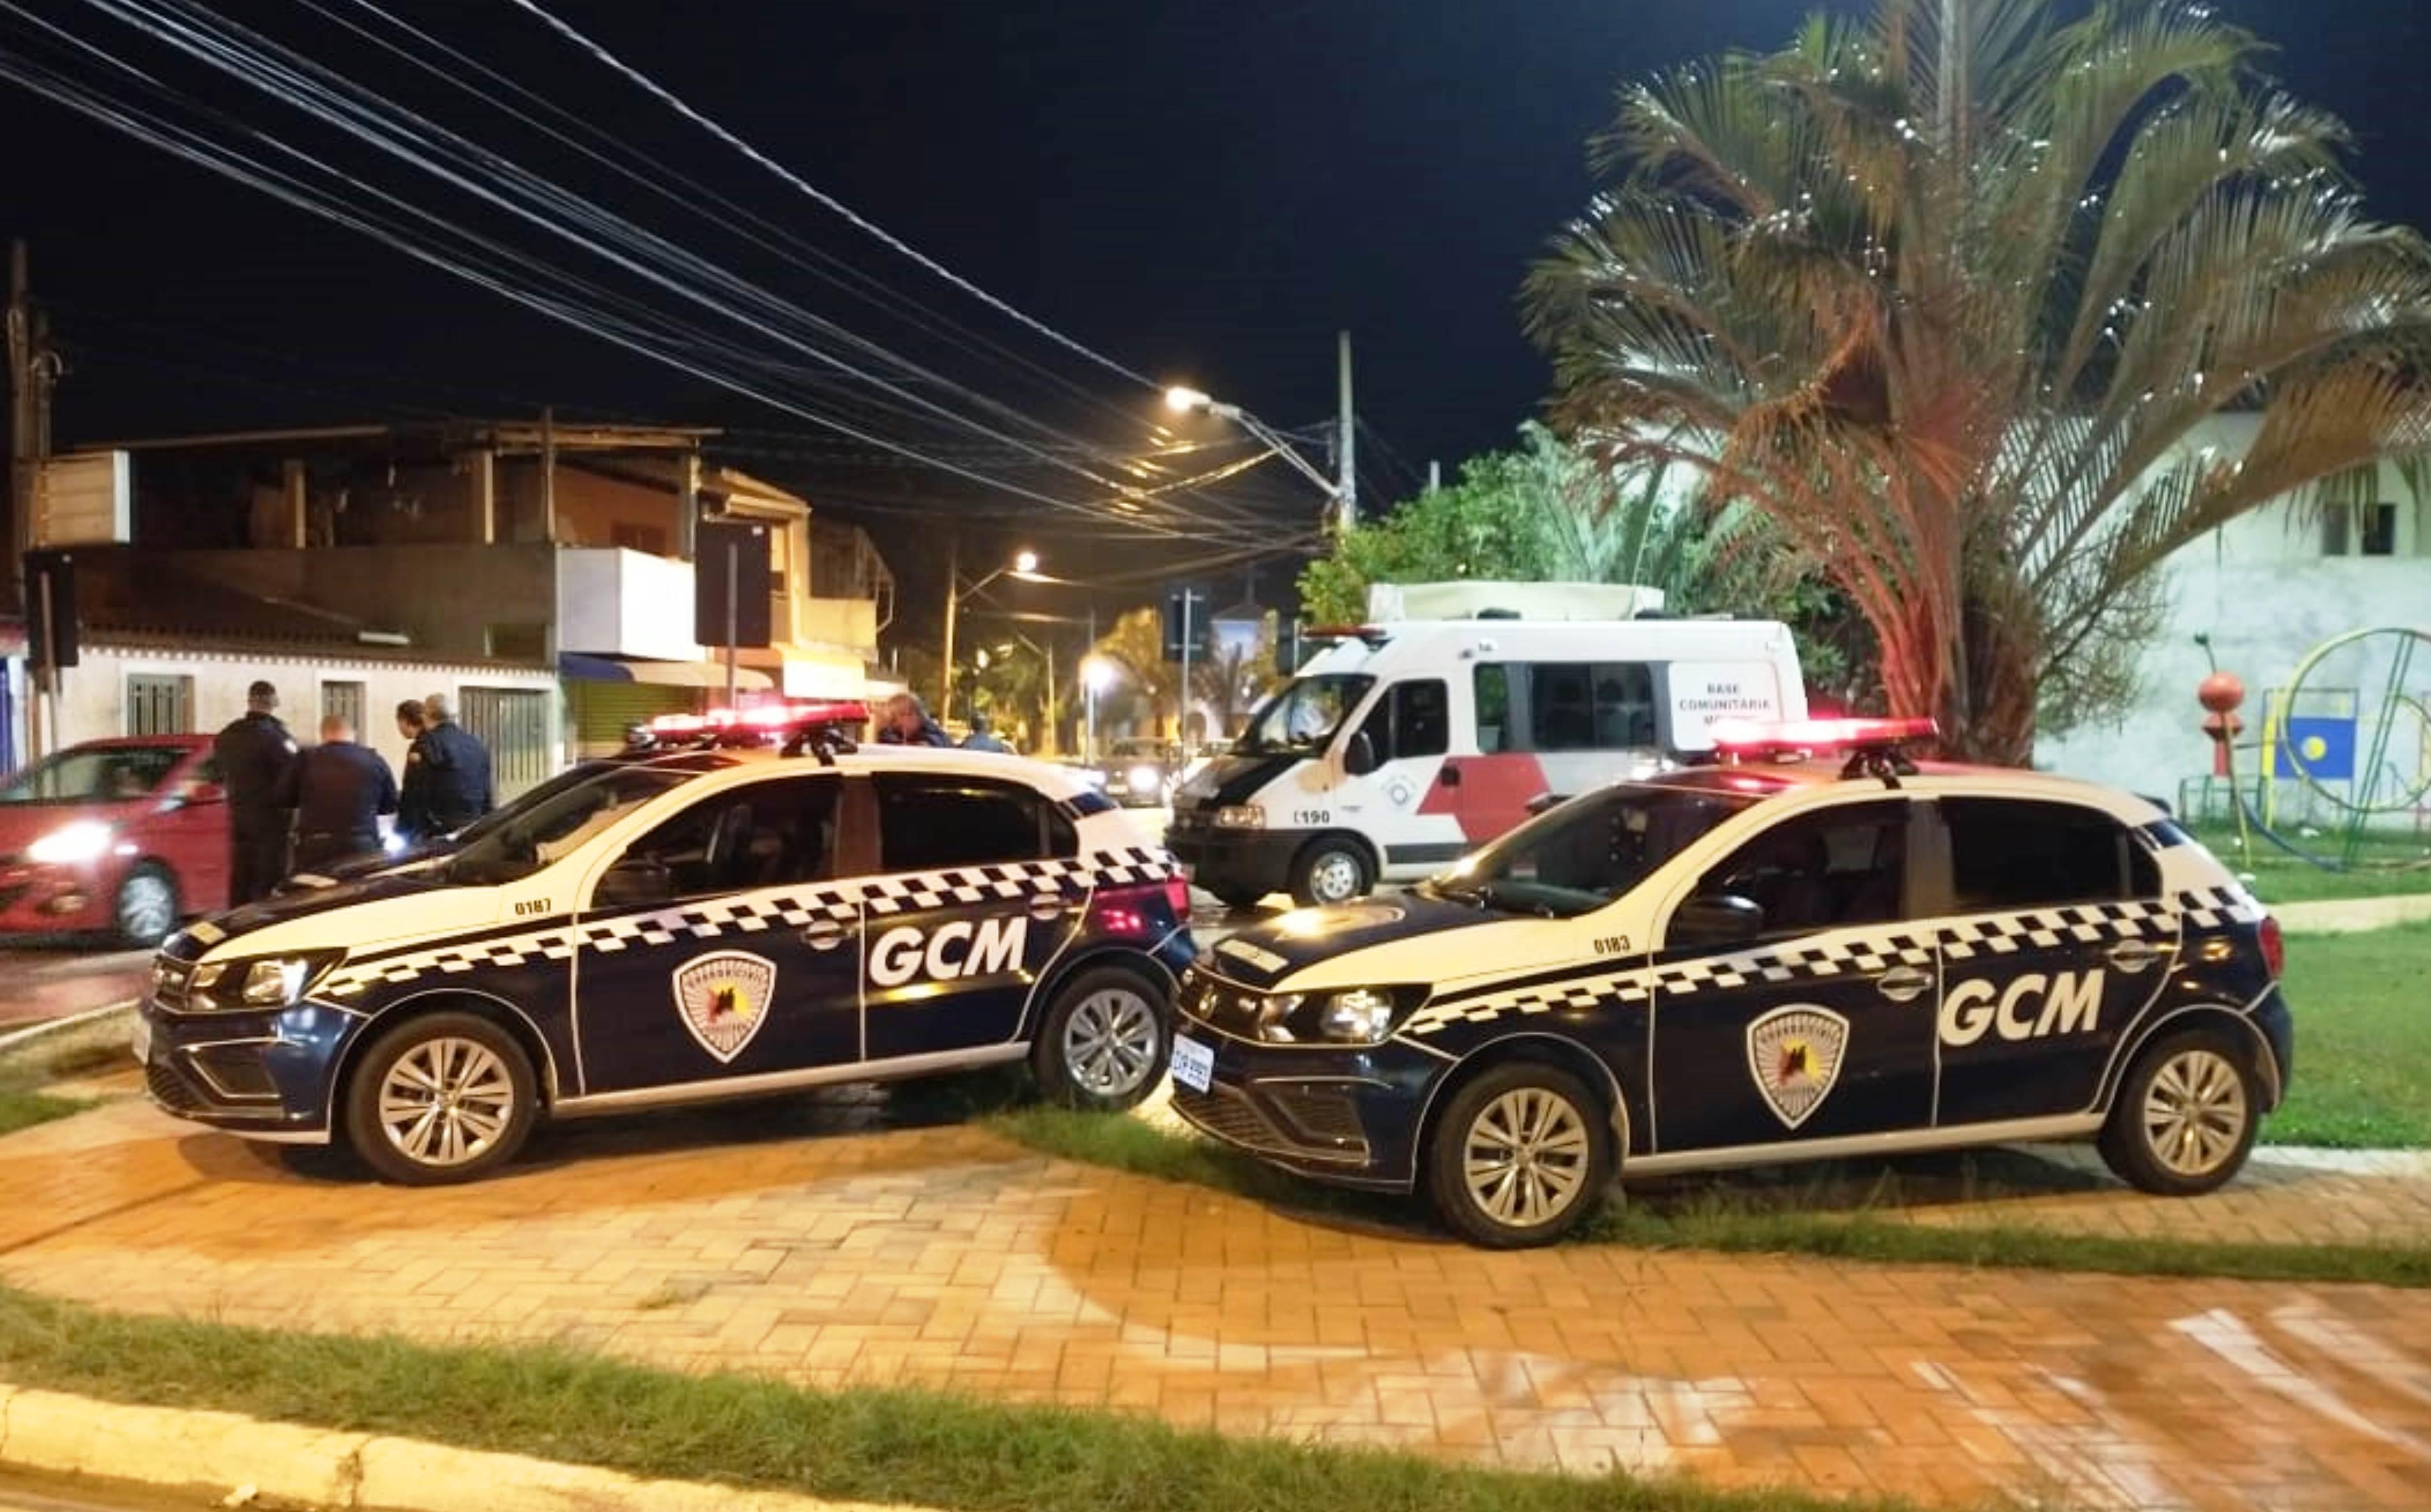 Operação interrompe eventos com centenas de pessoas em Sorocaba